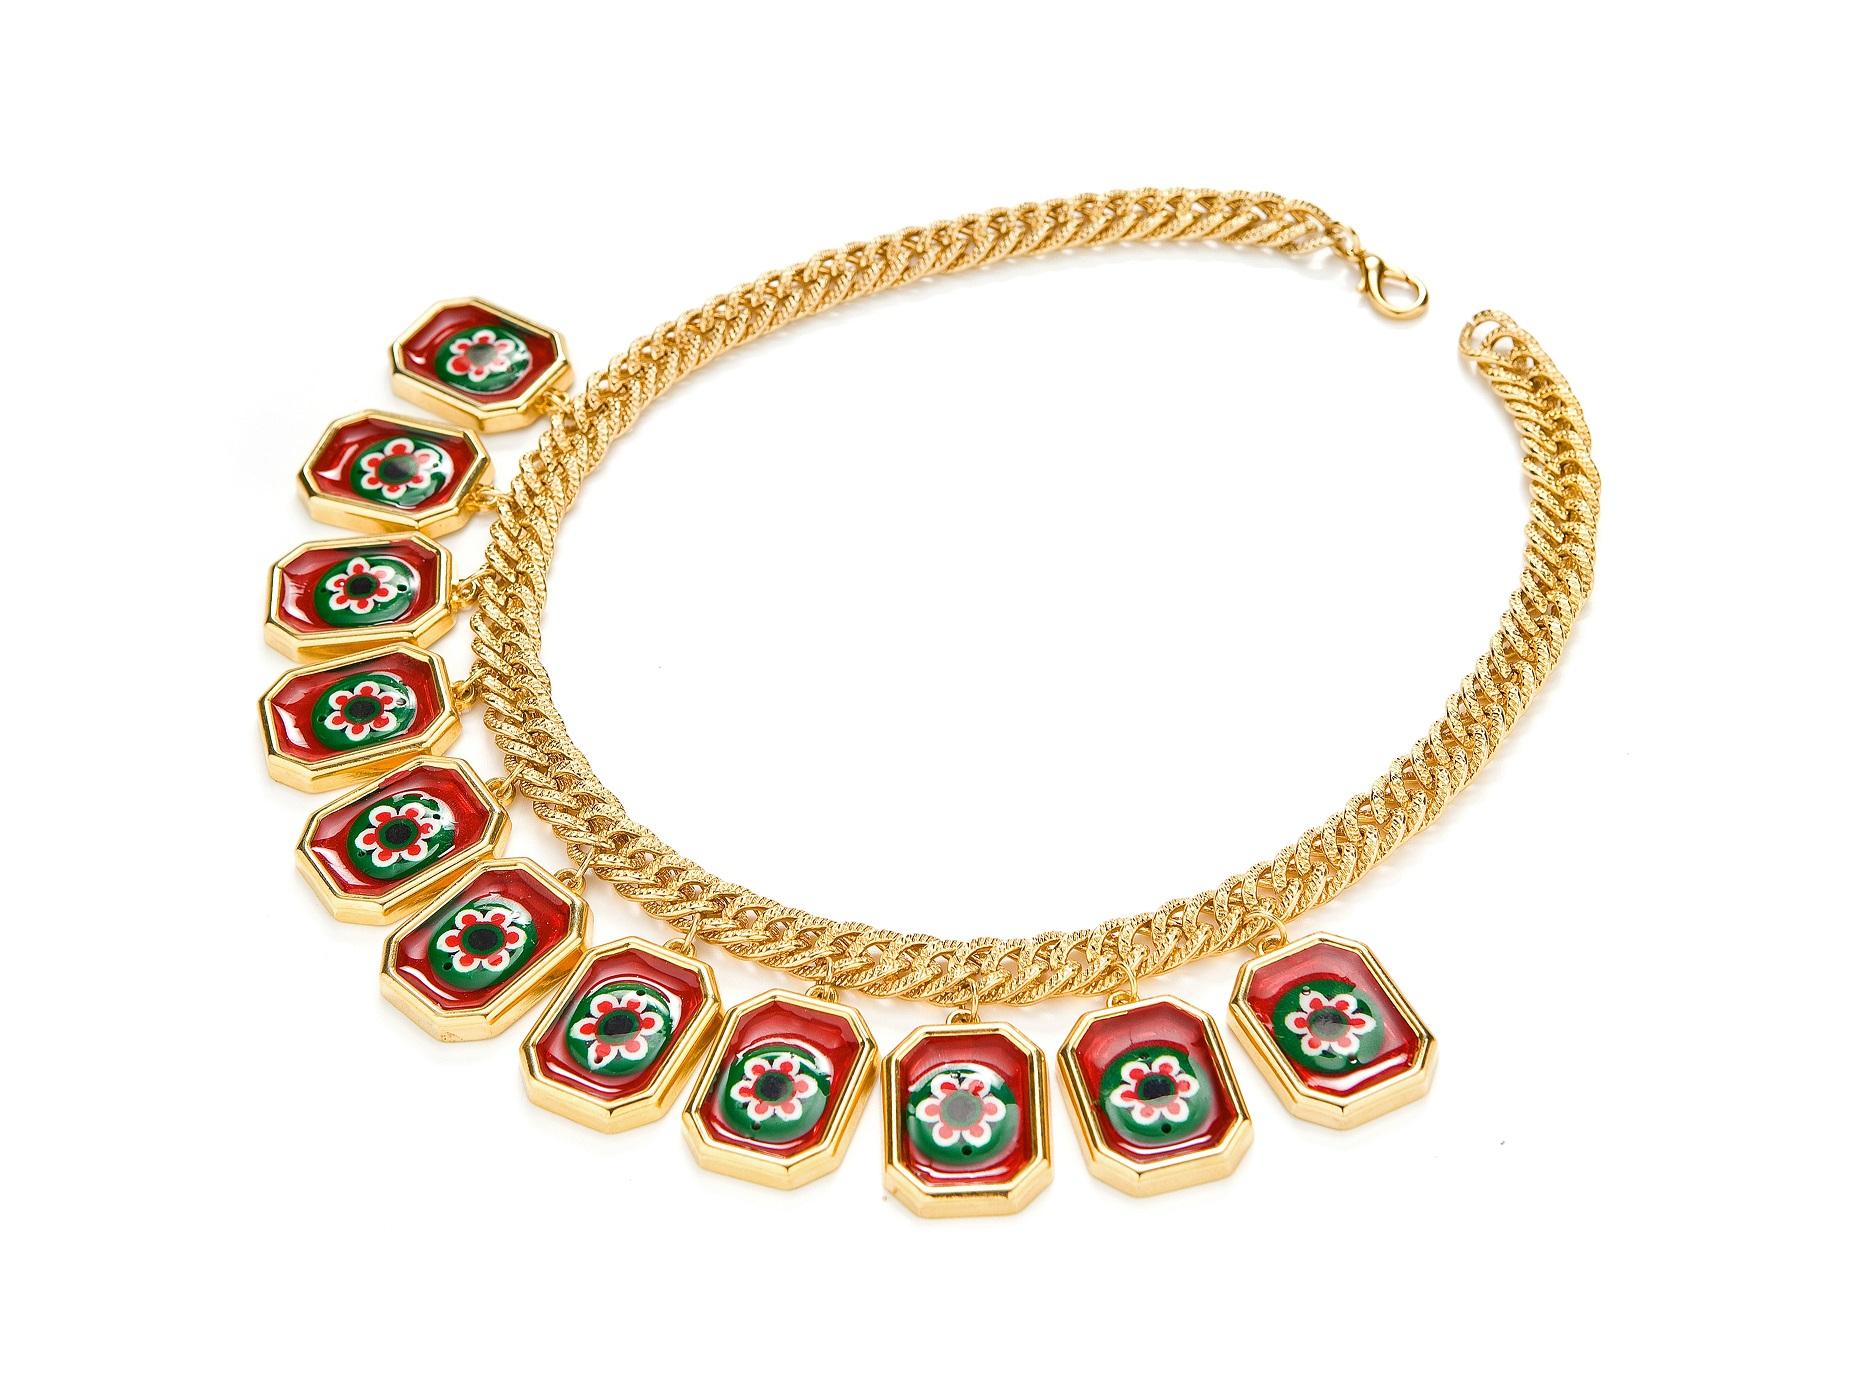 אבגד - קולקציית DIY - עשה זאת בעצמך - שרשרת זהב עם תליוני פרחים צבעוניים -  טווח מחירים 160שח -500שח  צילום- דדי אליאס